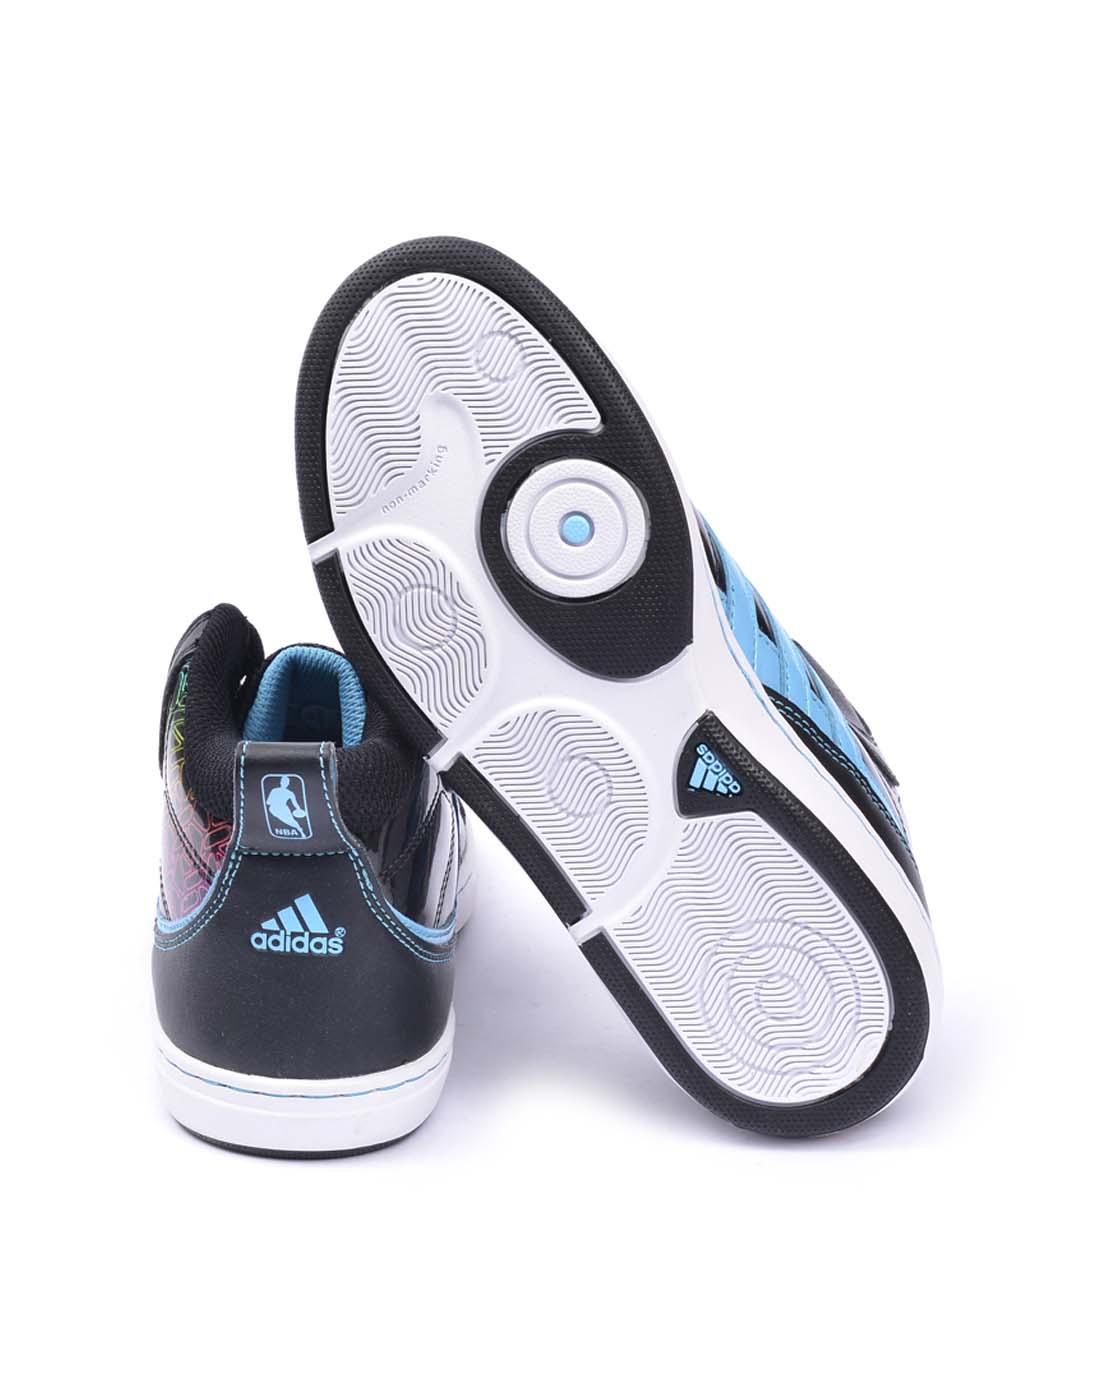 阿迪达斯adidas女子黑色篮球鞋g22442